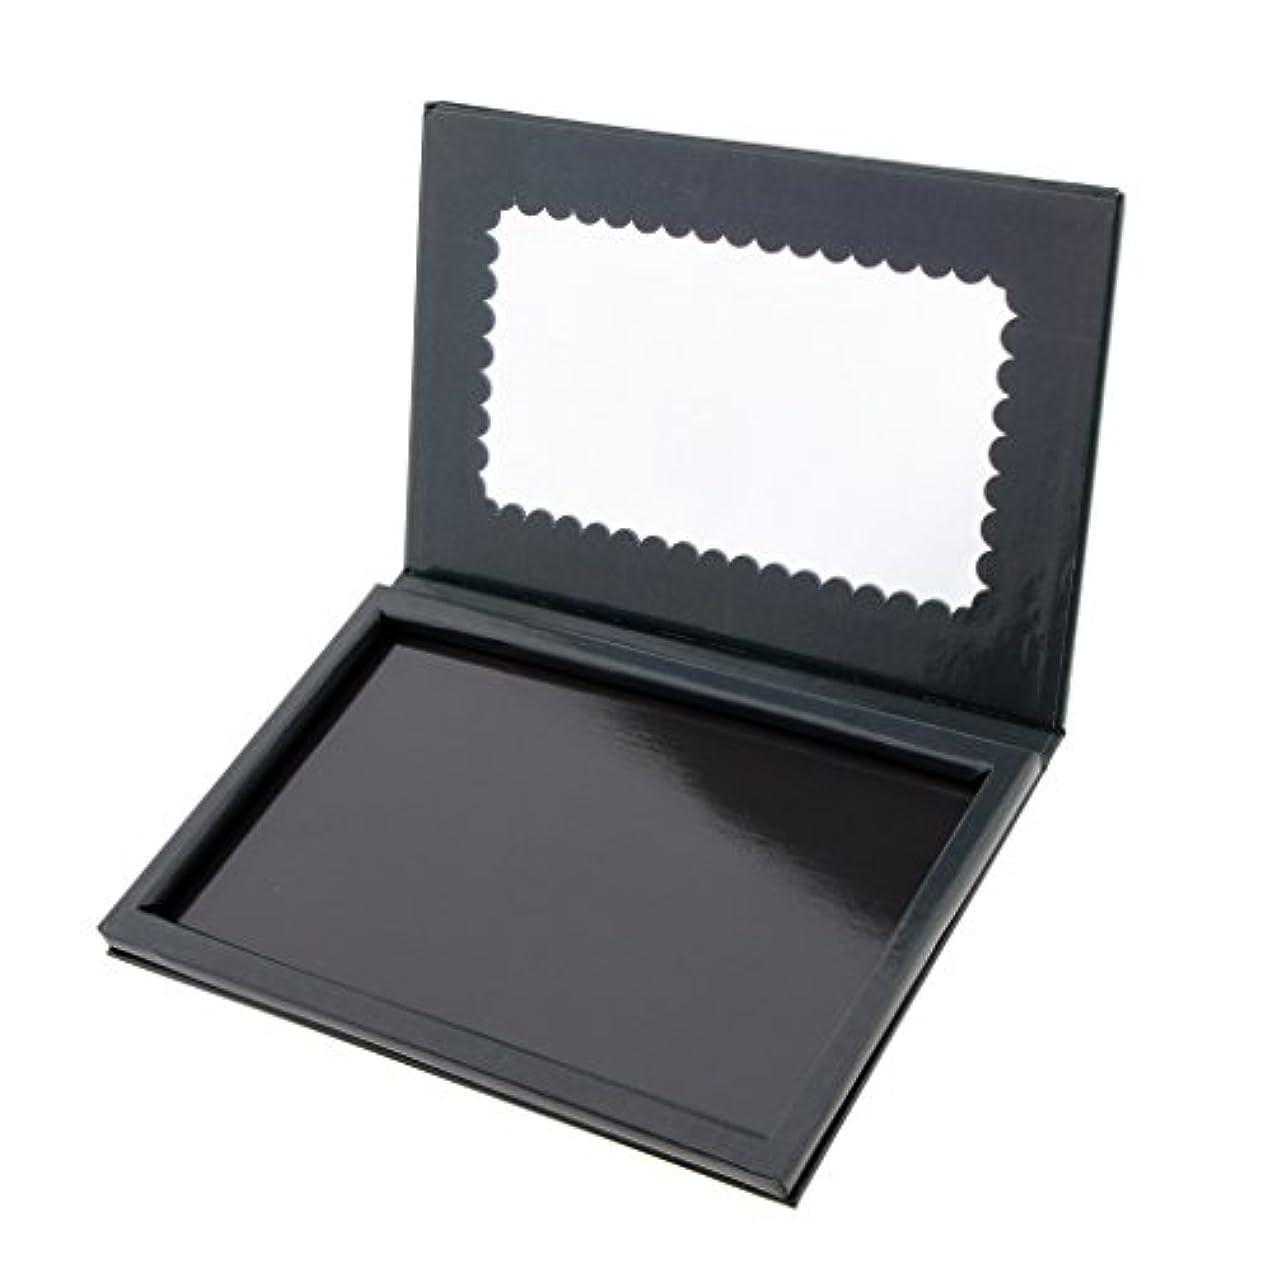 火炎争いひいきにするKesoto 磁気パレット メイクアップパレット アイシャドウ コンシーラー パウダー DIY コスメ 化粧品